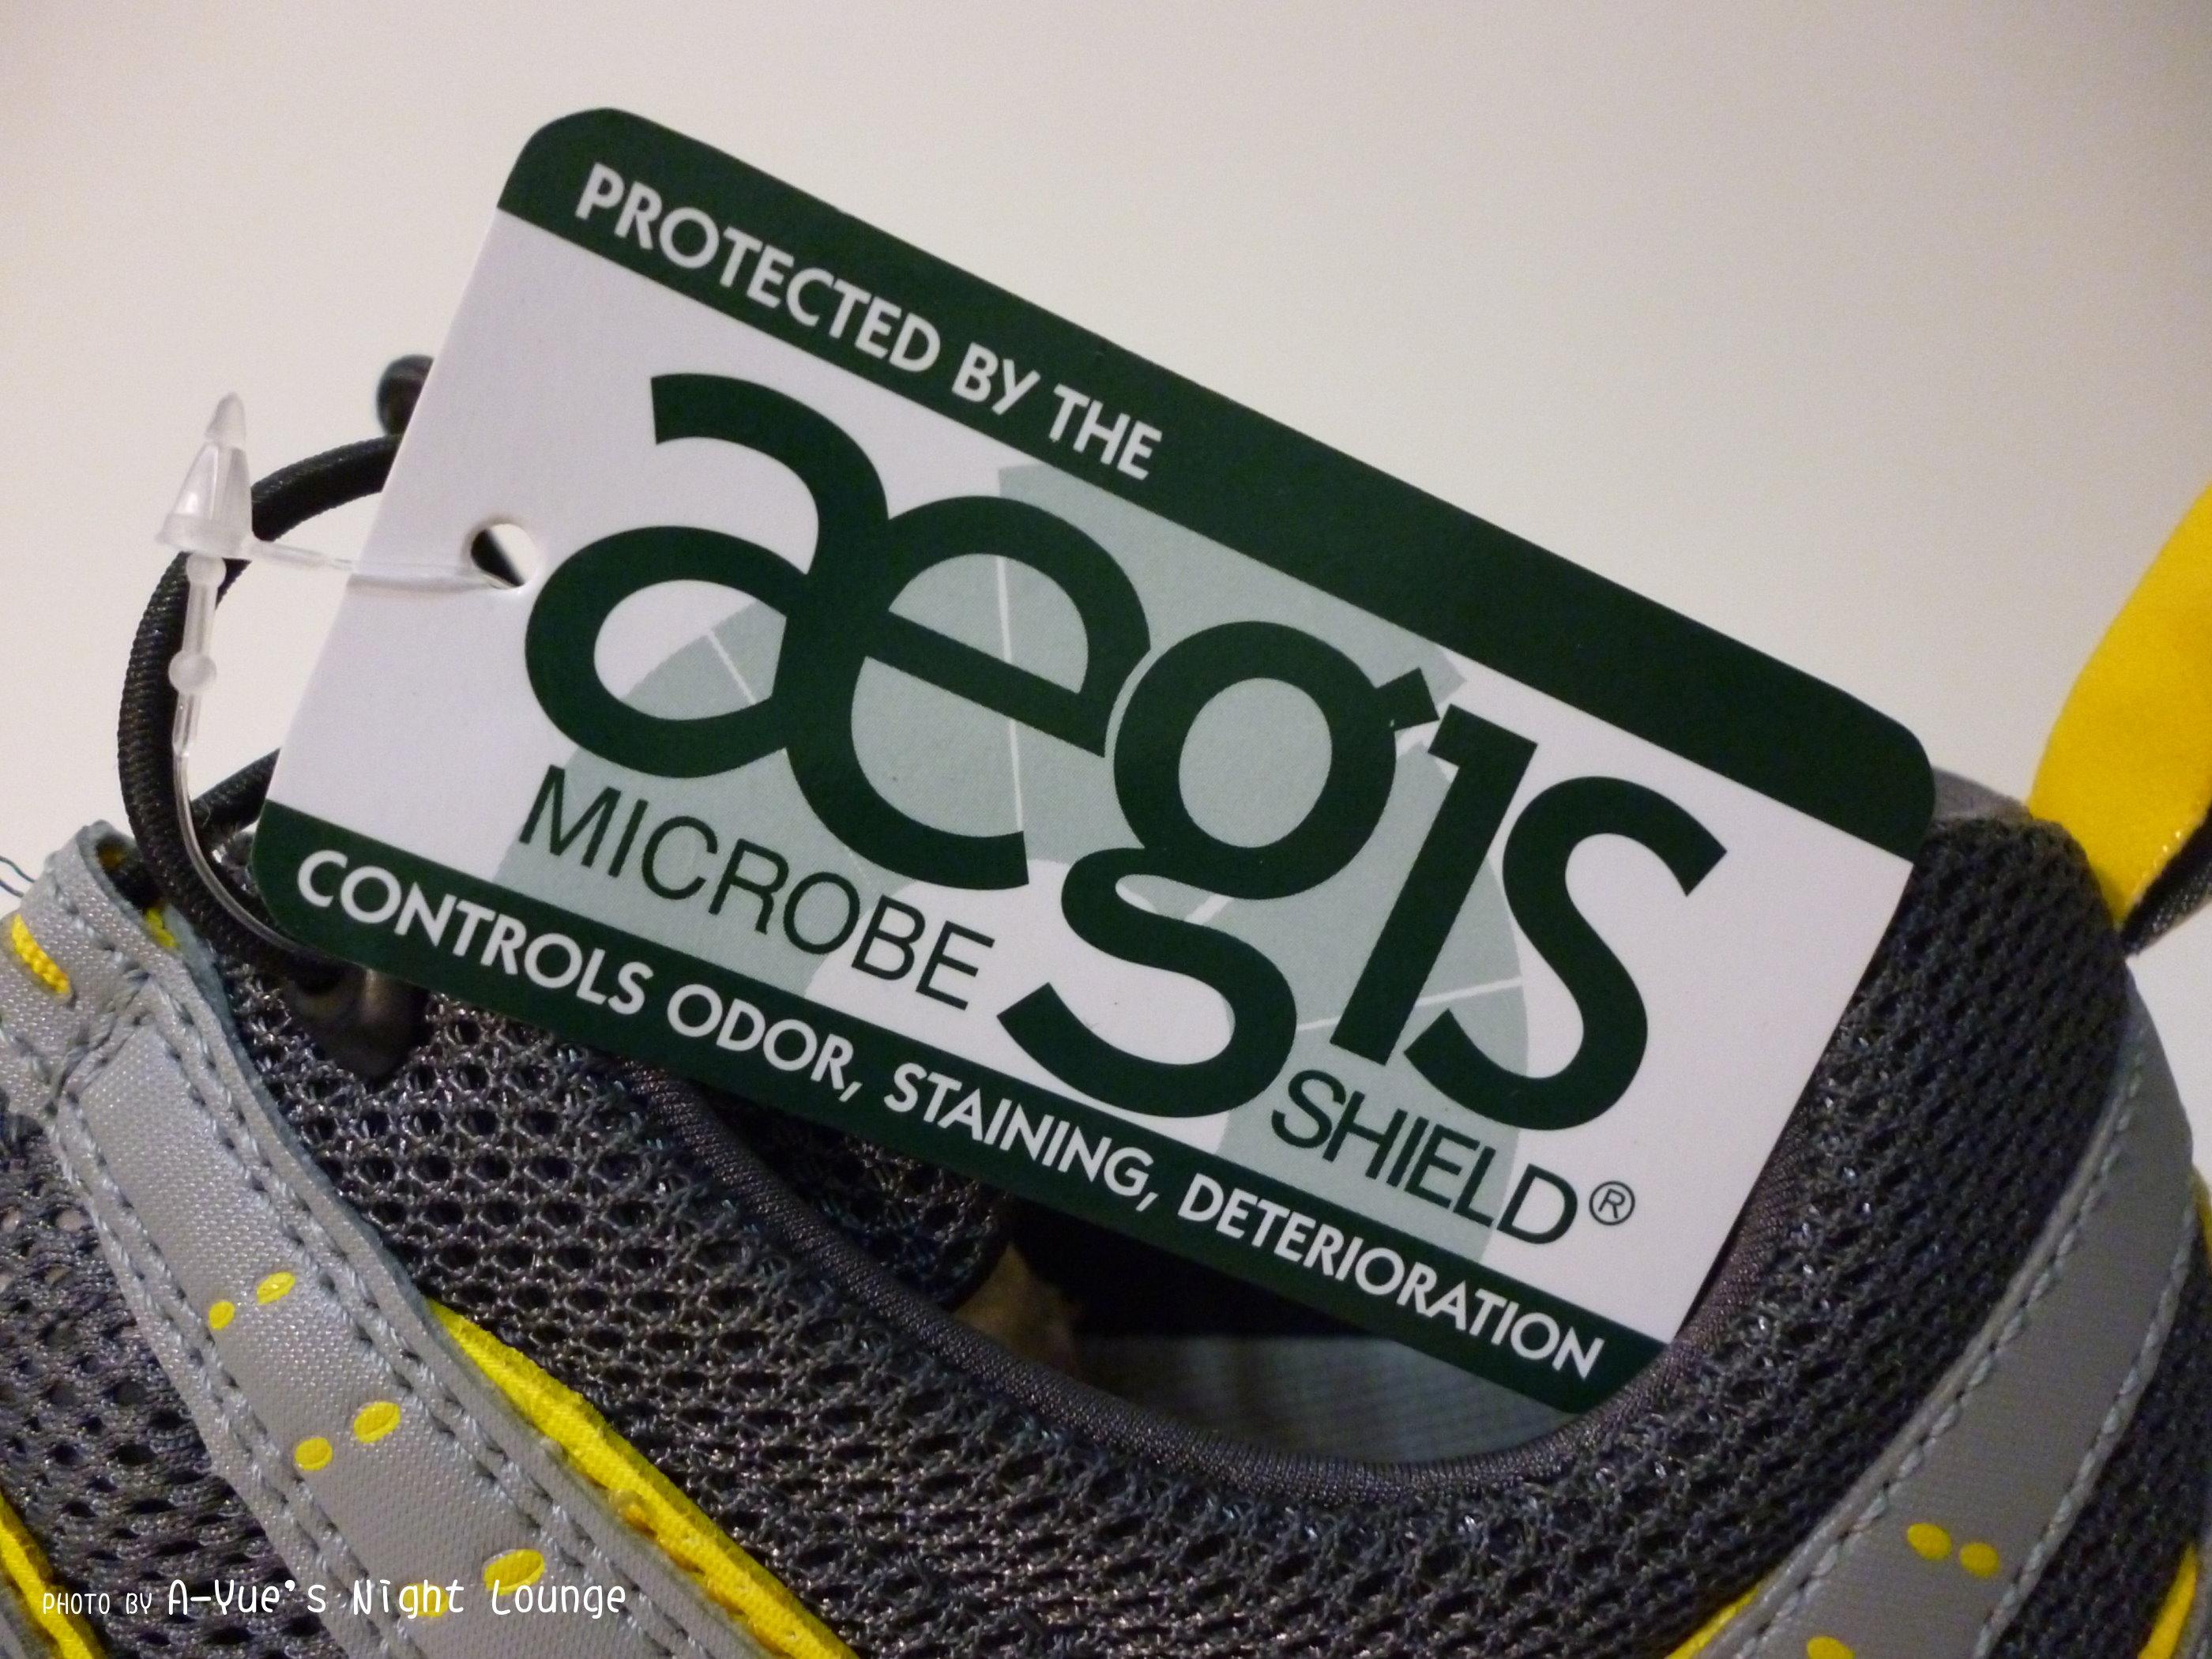 aegis專業防臭抗菌材質